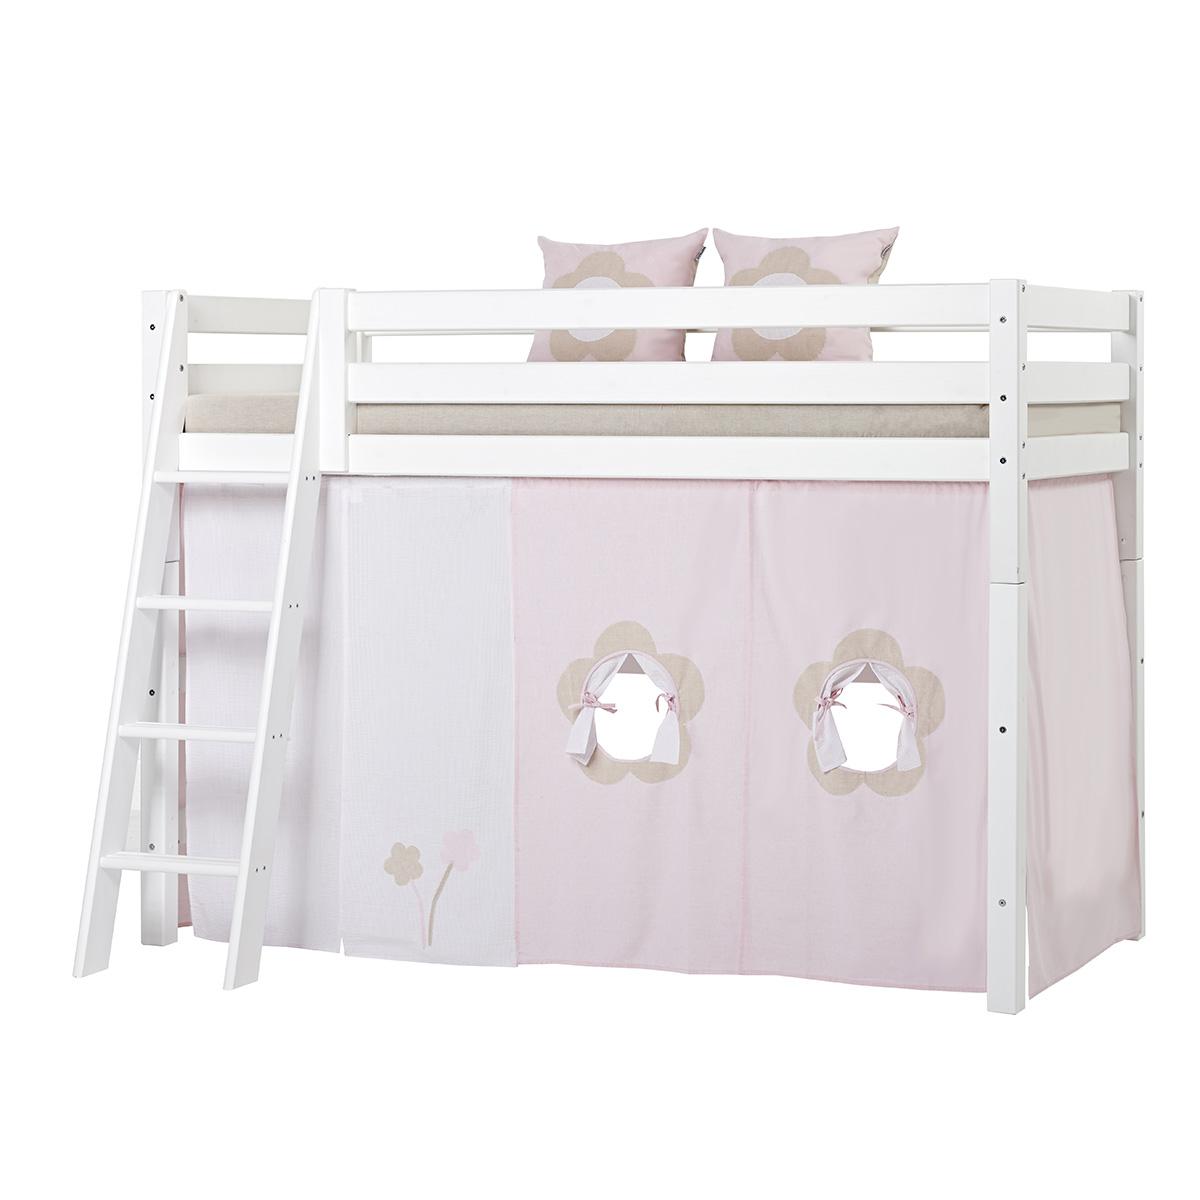 Billede af Hoppekids mellemhøj seng - Premium - Hvid med Fairytale Flower